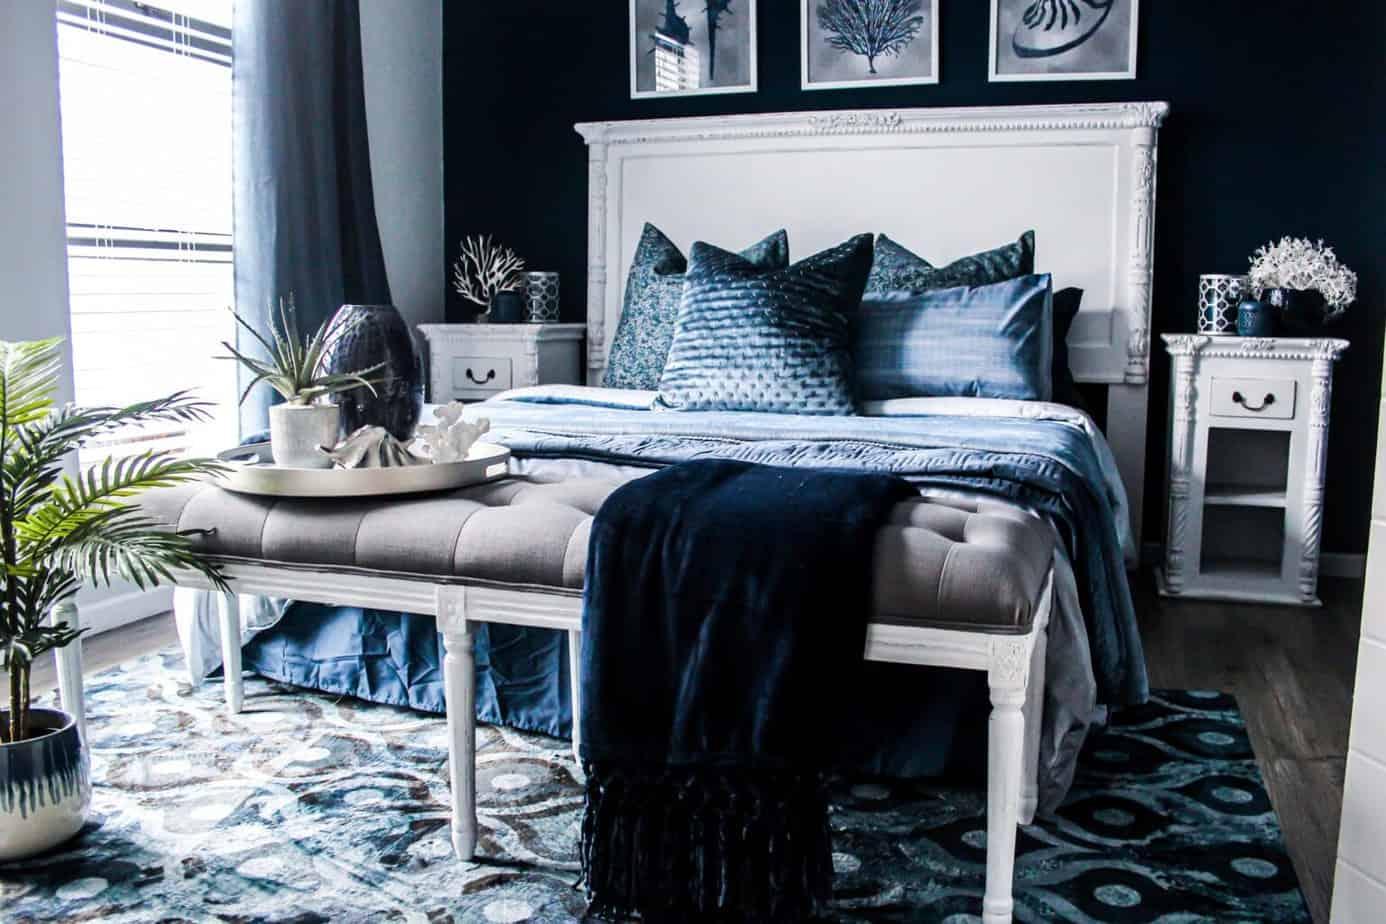 sypialnia w stylu glamour | Projektowanie wnętrz - Duszynska Design 12